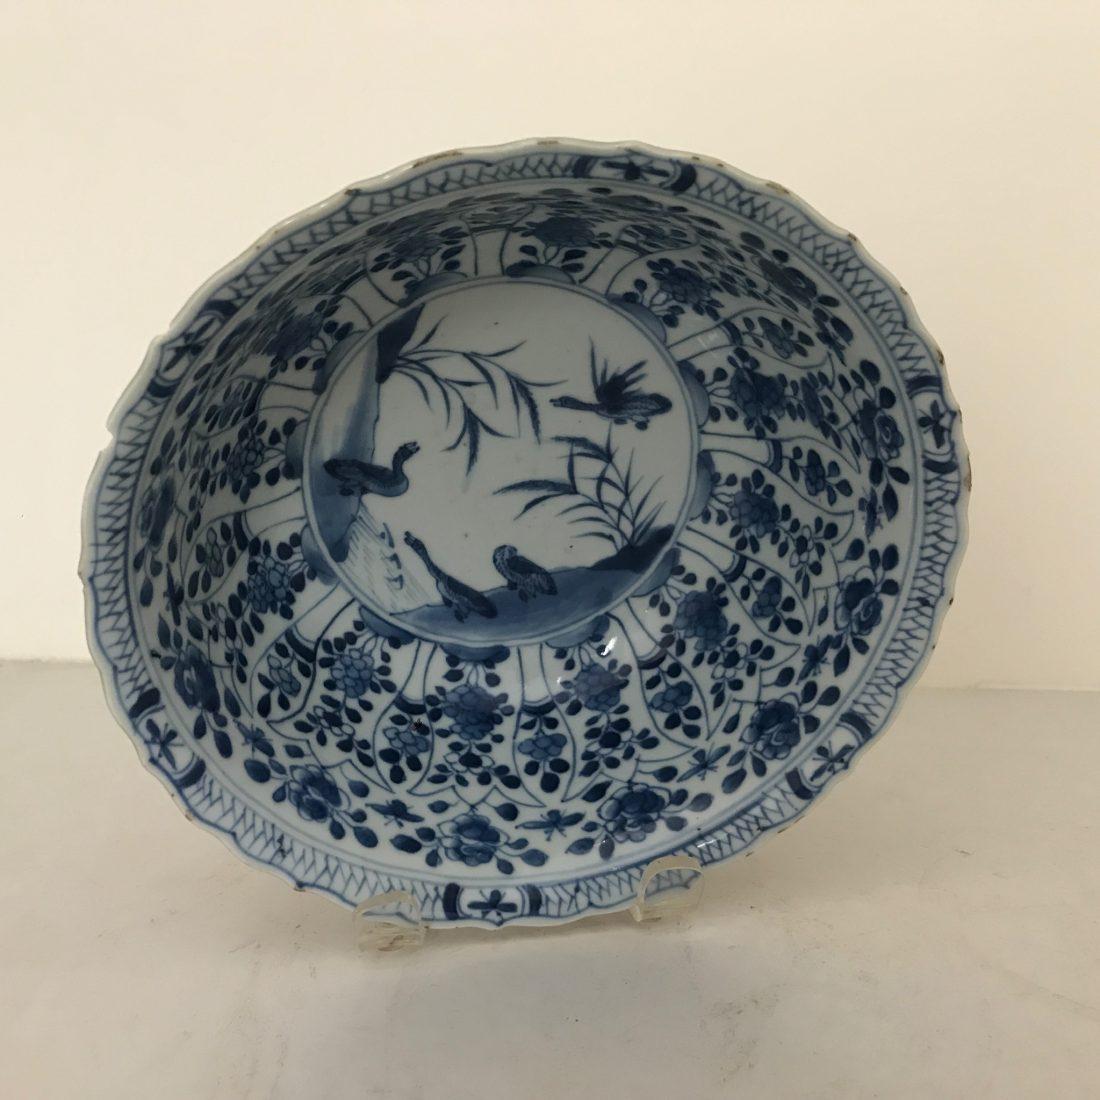 Een gekartelde blauw/wit porseleinen capucijner kom, China, ca. 1750